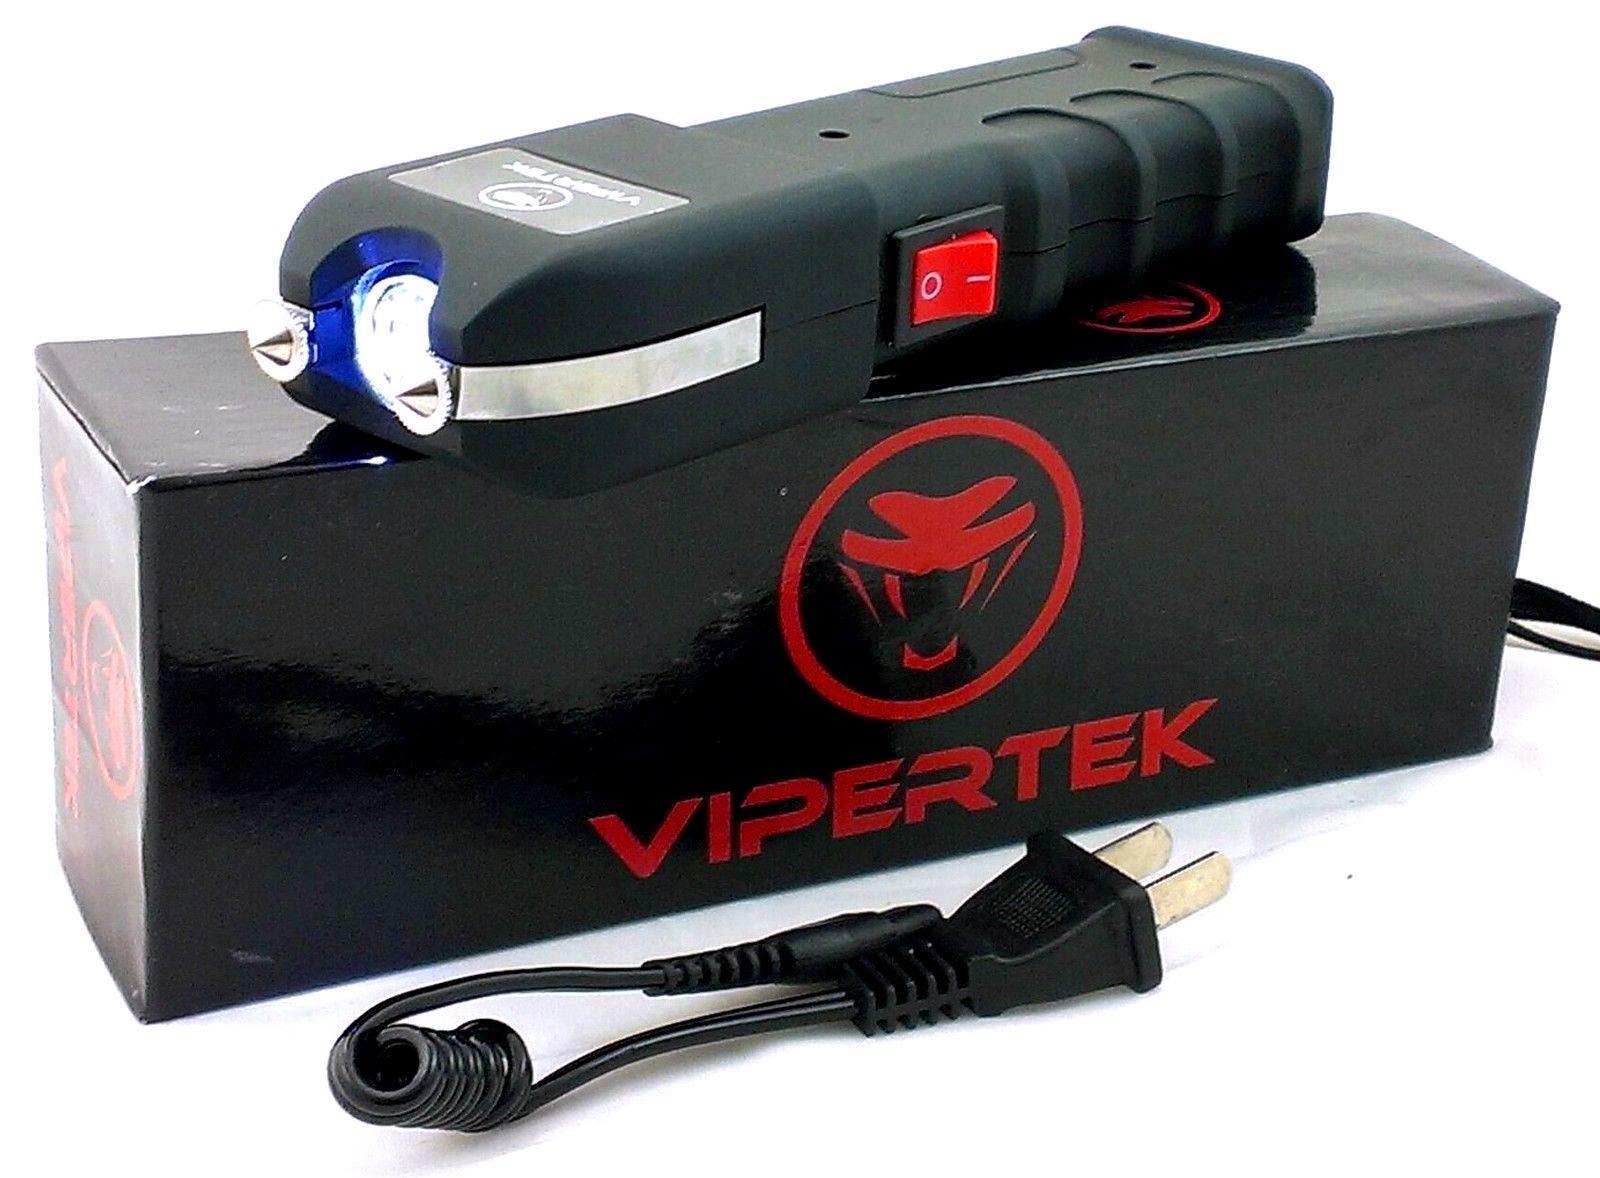 VIPERTEK VTS-989 - 80 Billion Volt Self Defense Stun Gun LED